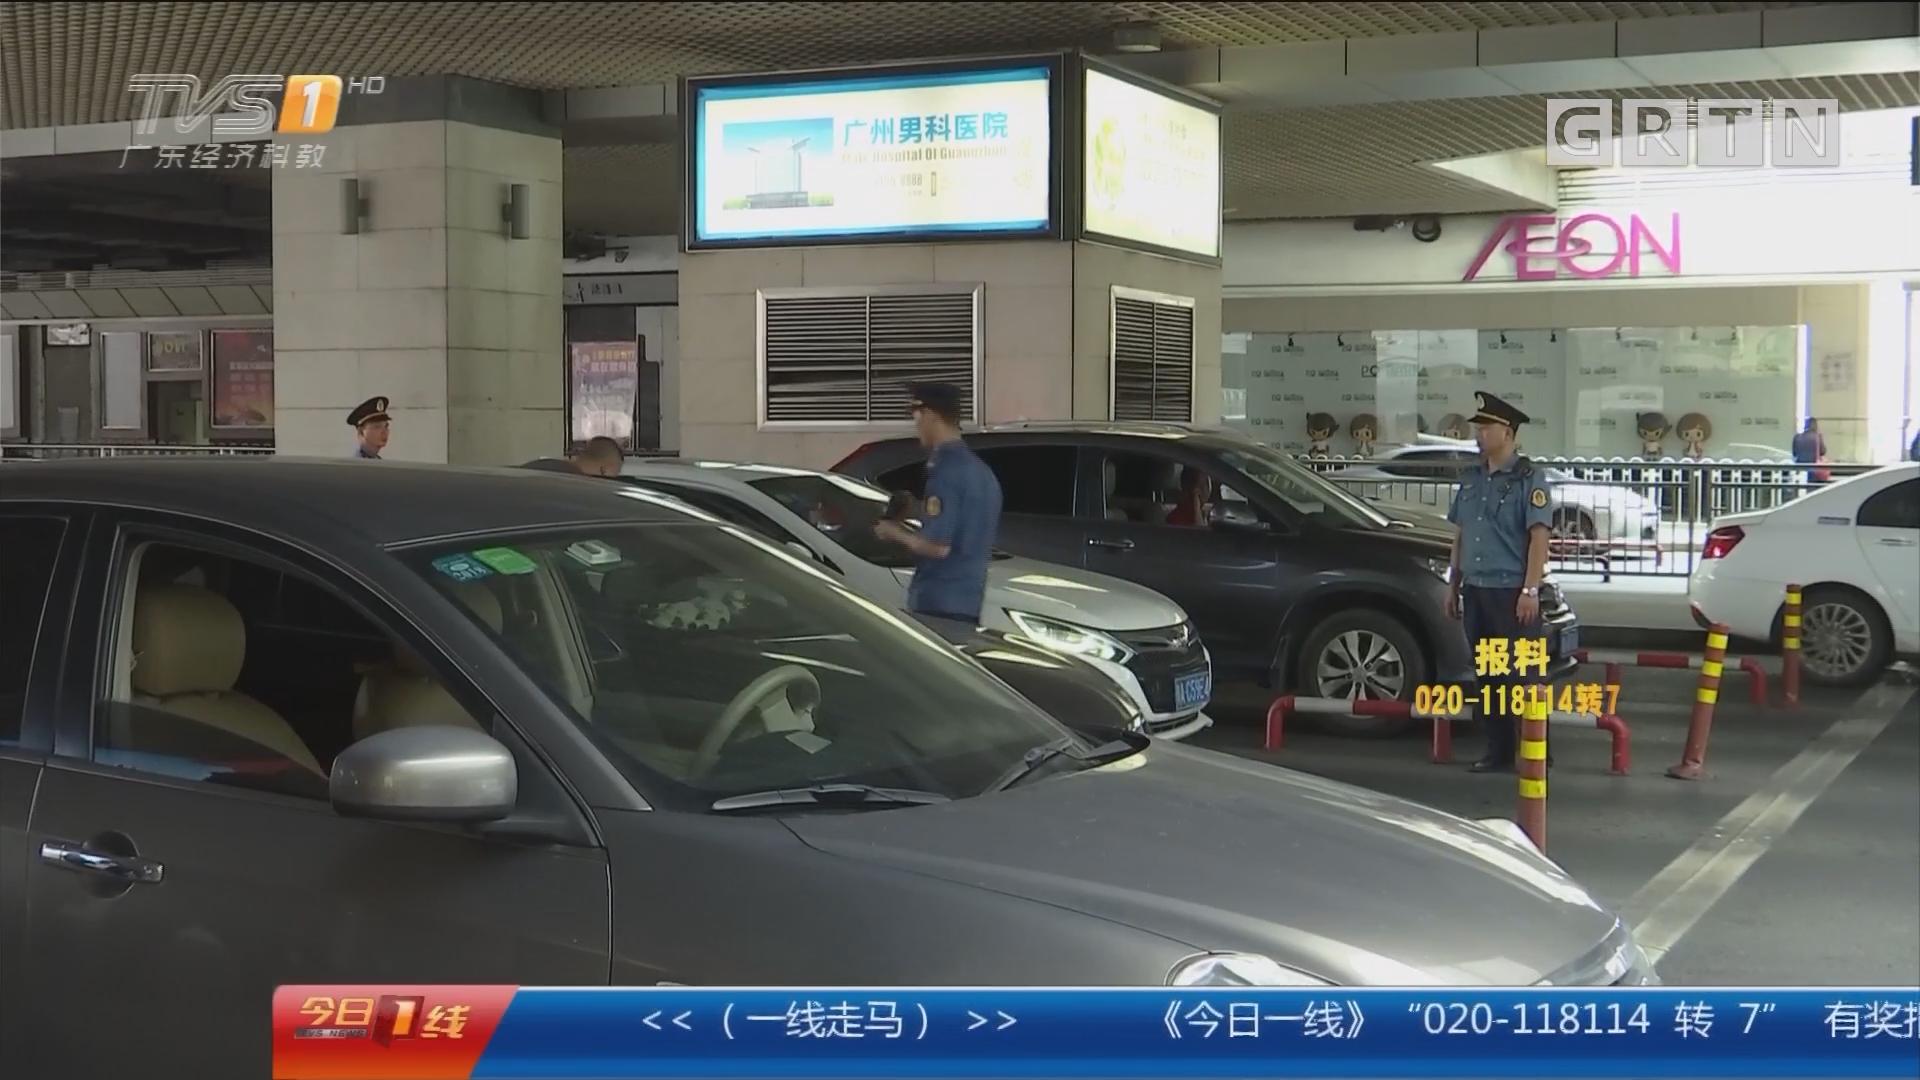 广州:整治网约车 设点查网约车 人车都无证